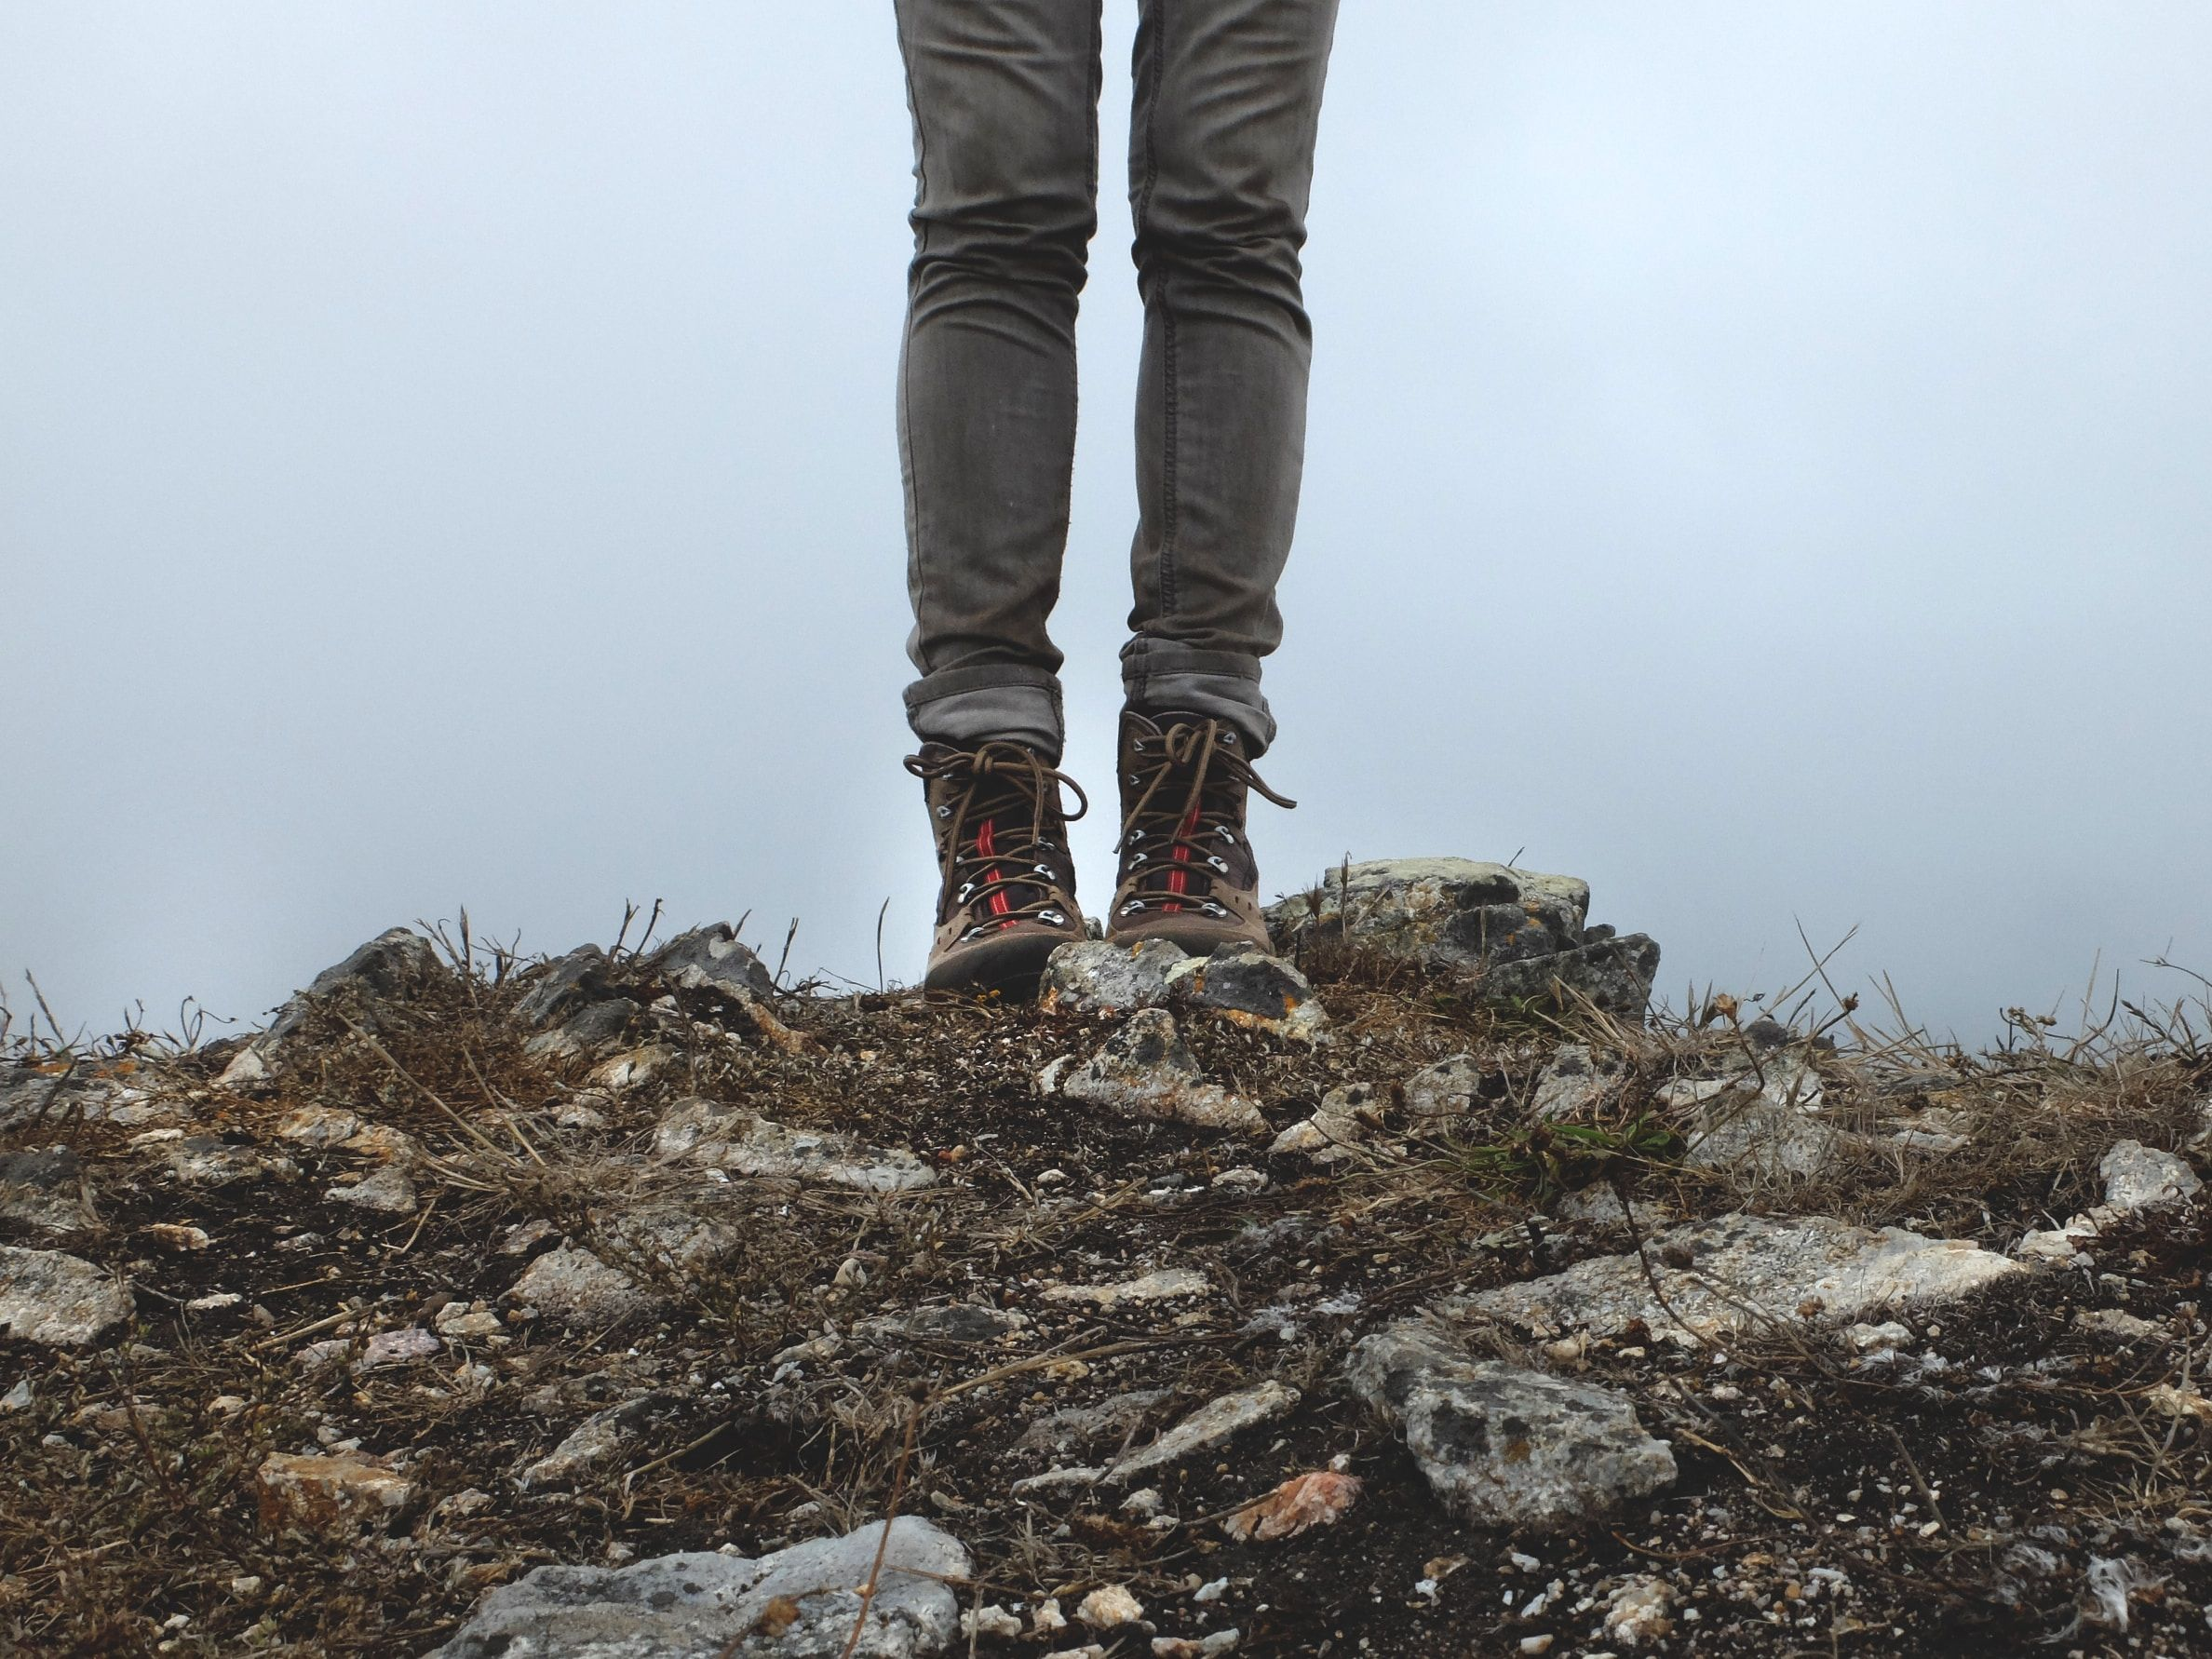 Ali bi vedno morali obuti visoke gojzarje za v hribe?